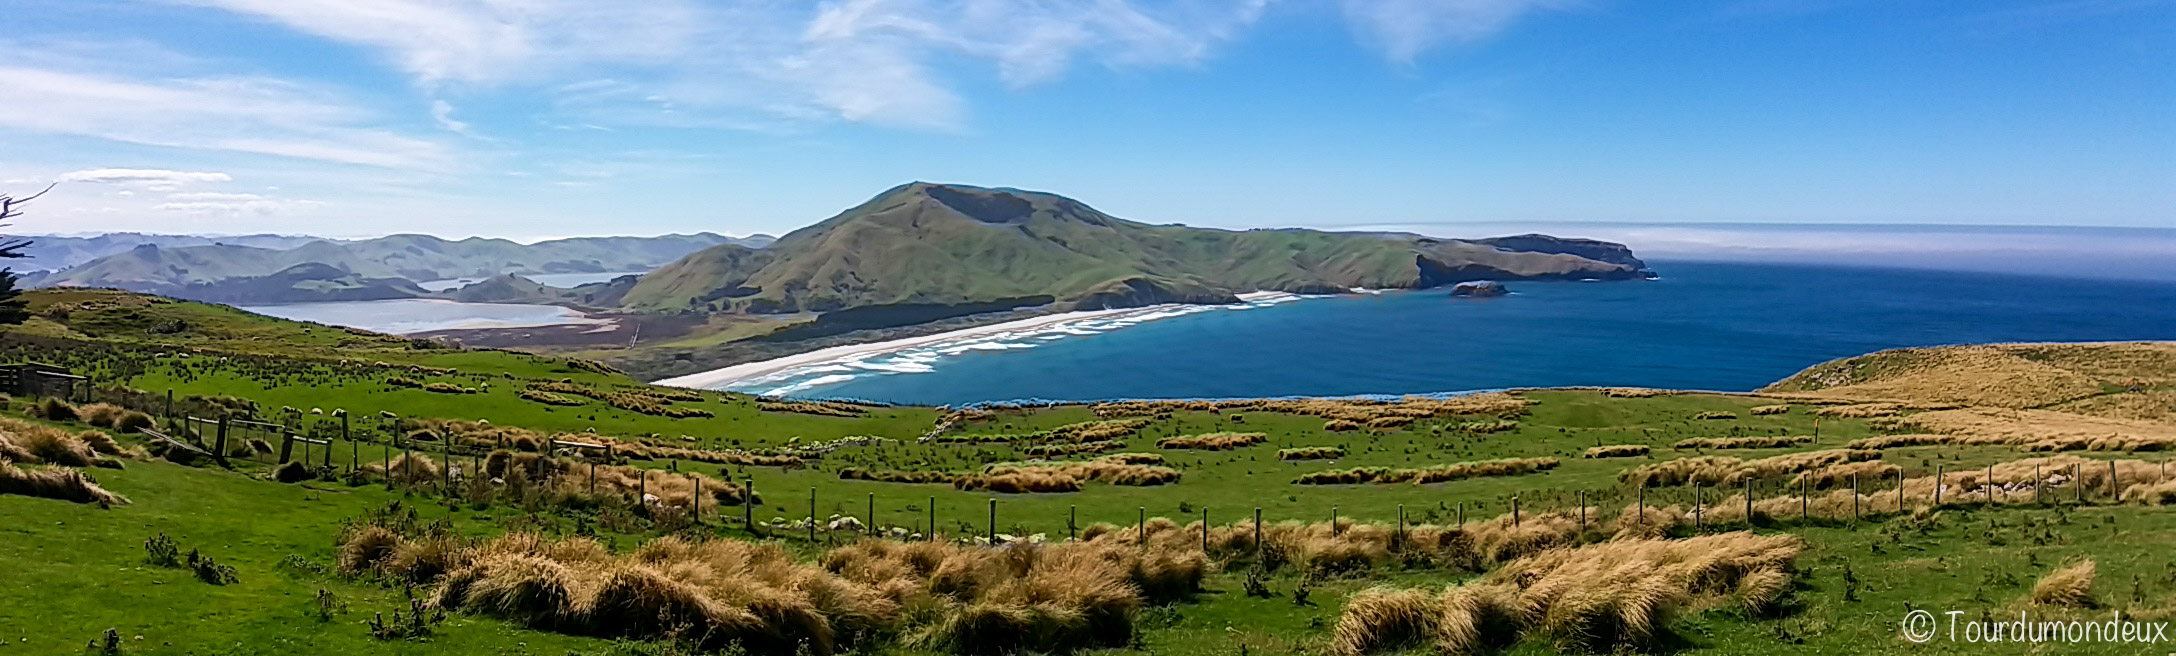 sandymount-vue-nouvelle-zelande